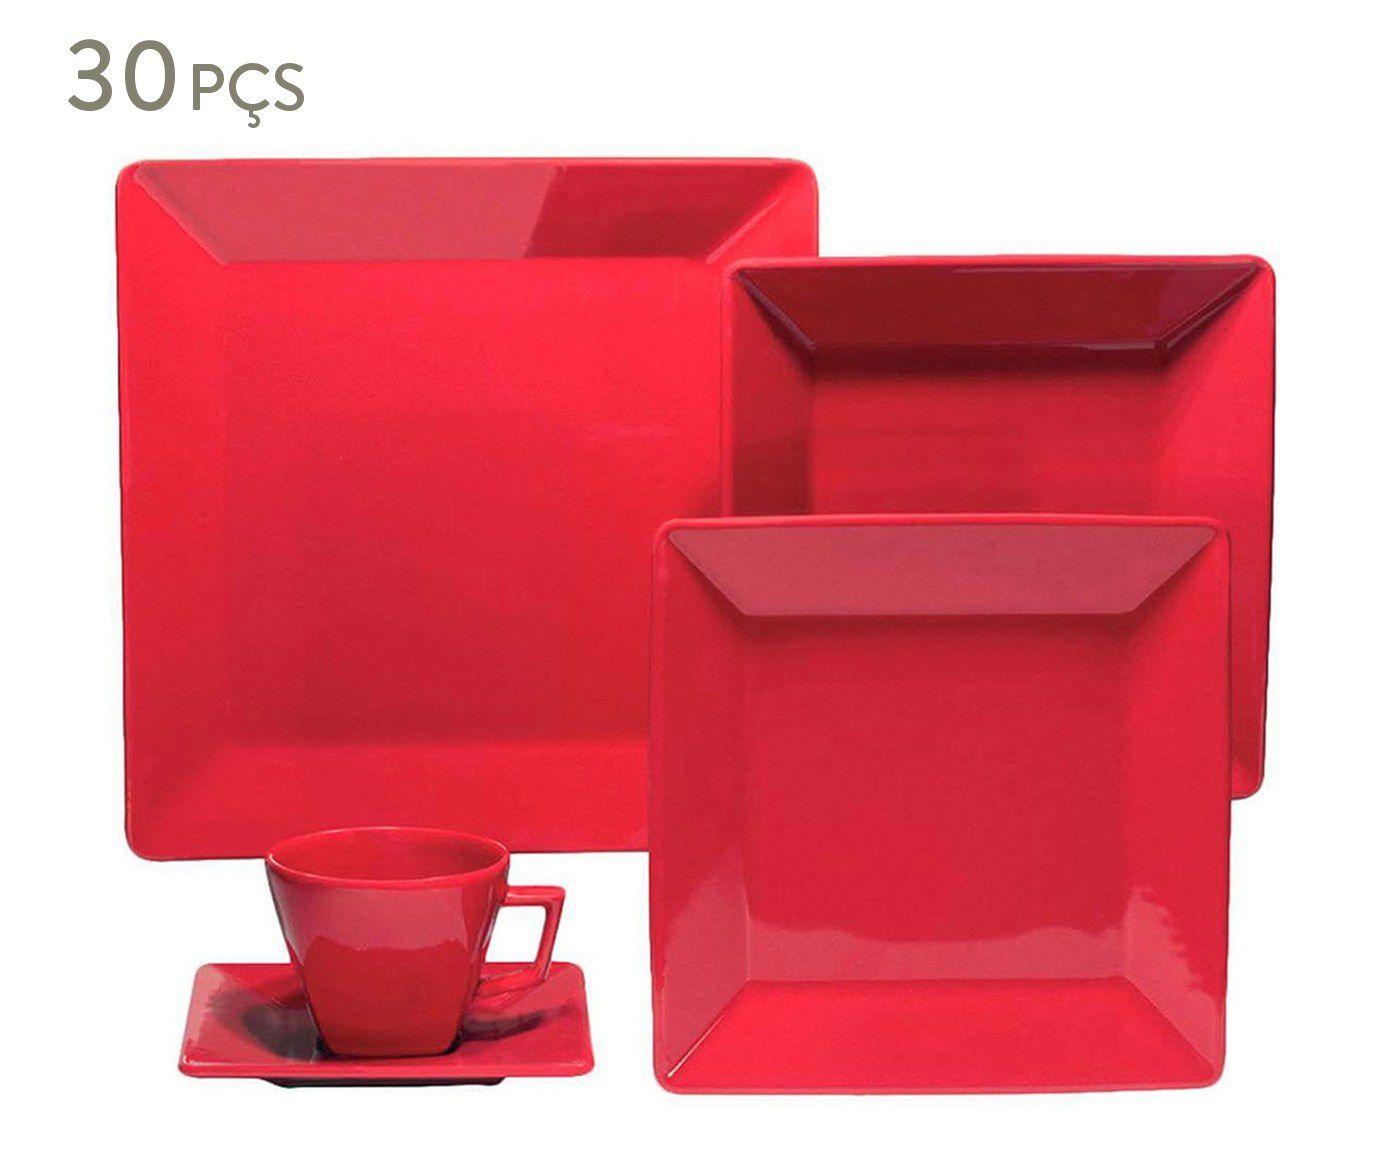 Aparelho de Jantar Quartier - Red - 30 peças - Oxford